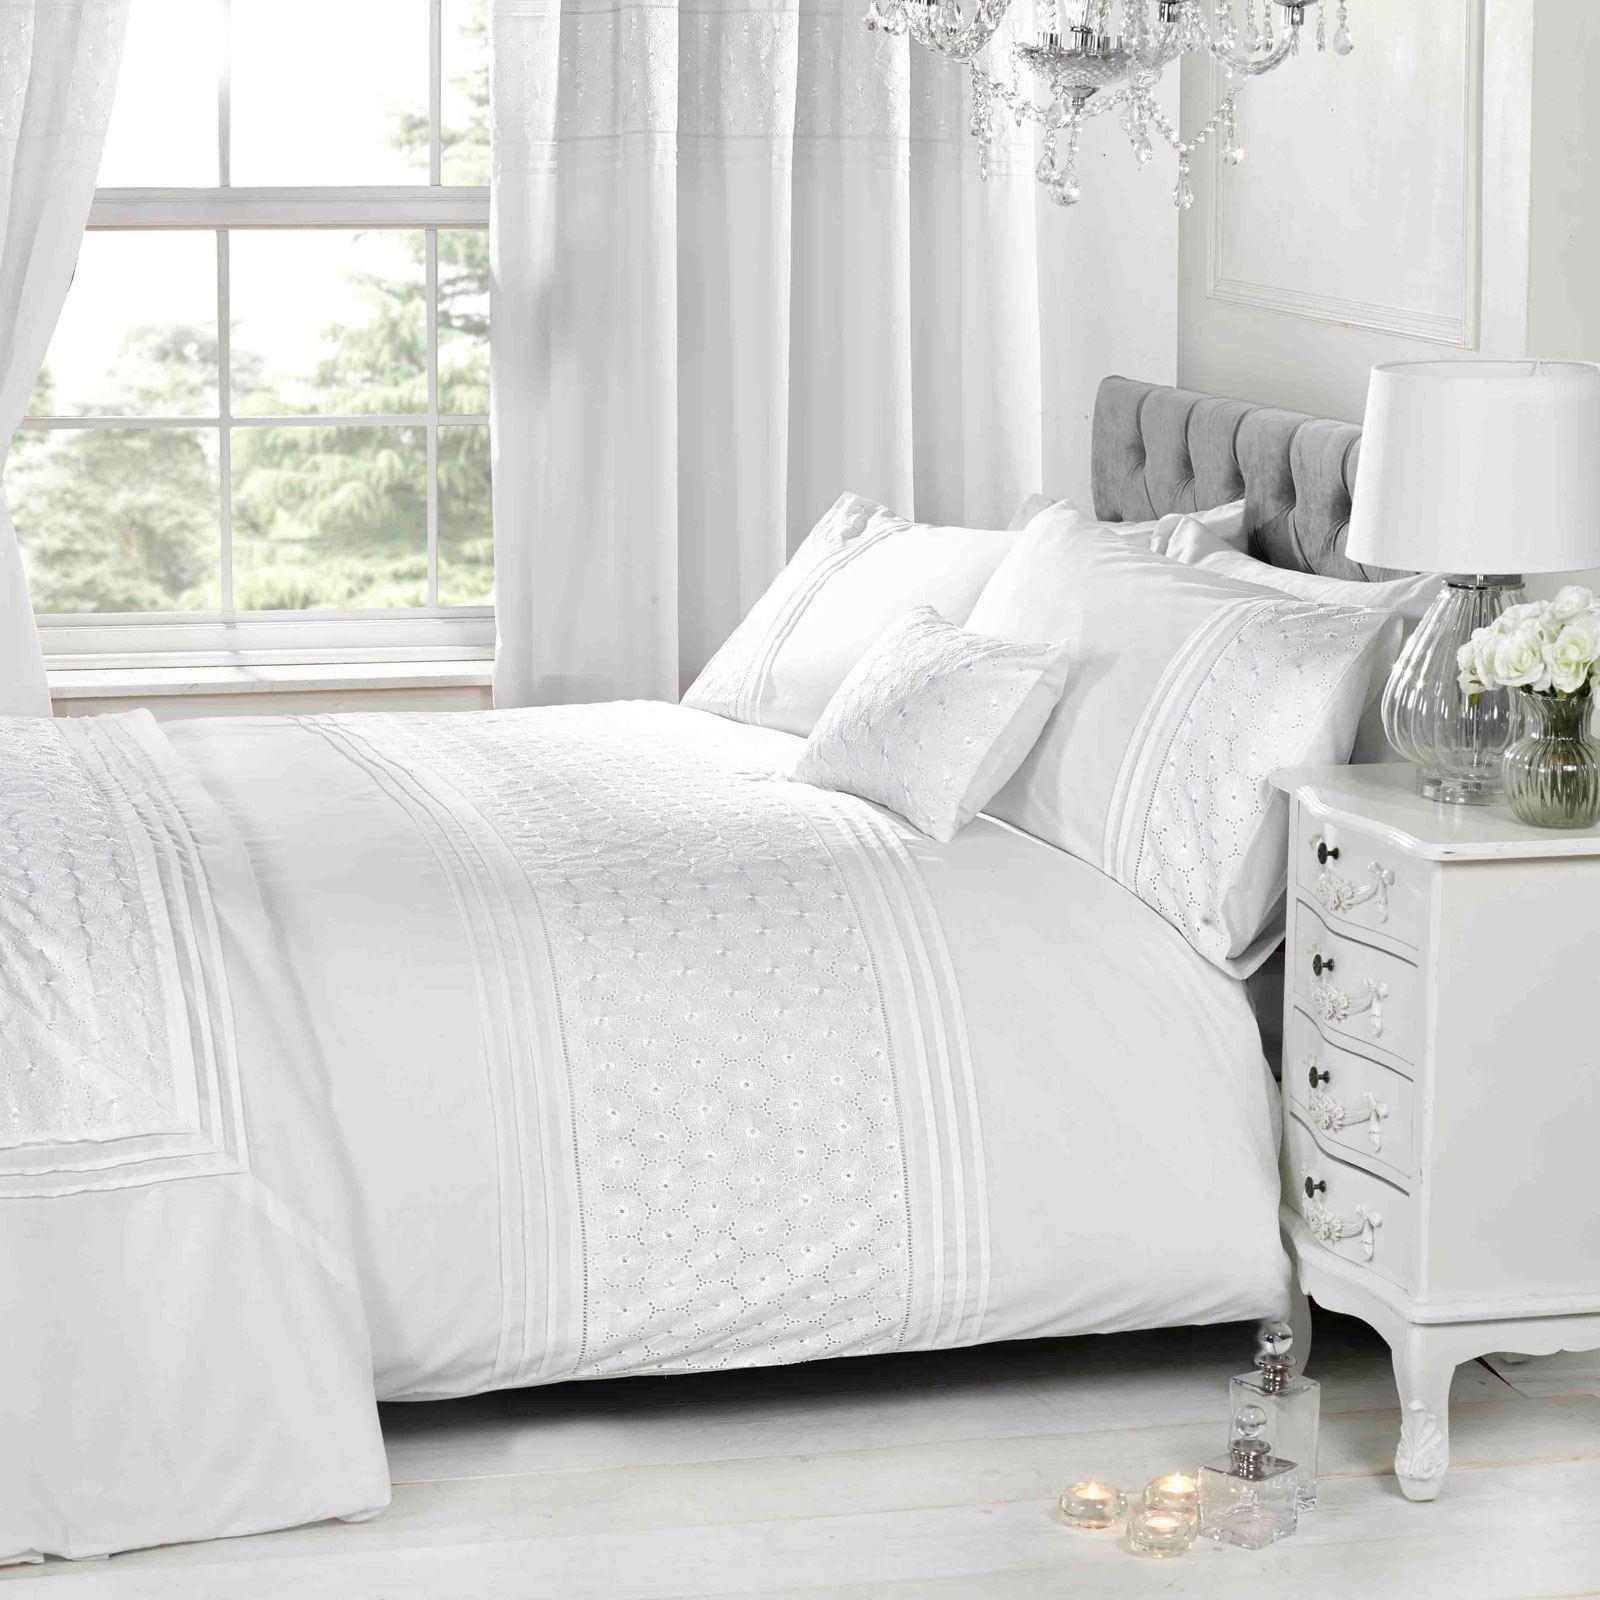 EGrünan Floral Weiß Bettbezug & Kissenbezug Set Elegant - Doppel | Spaß